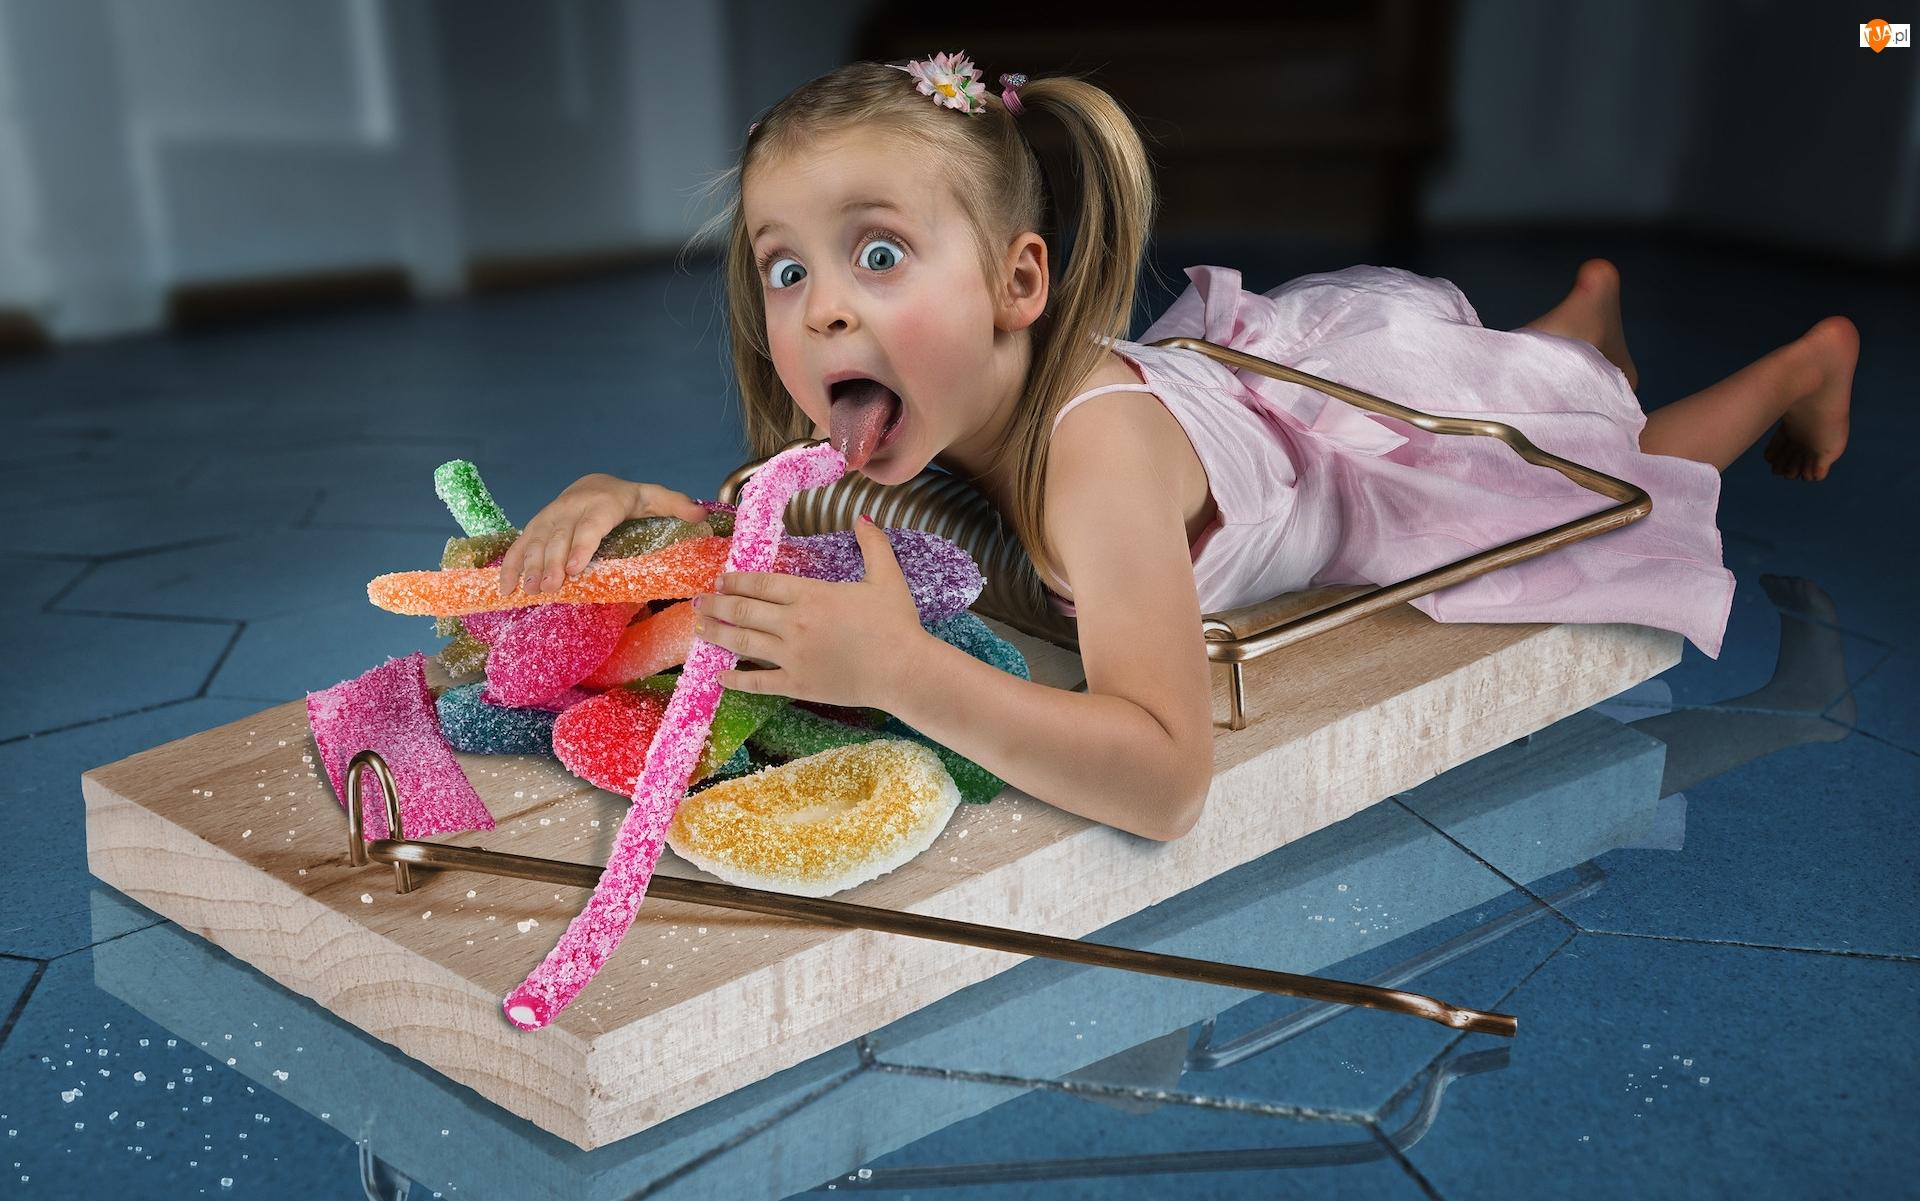 Łapka na myszy, Śmieszne, Dziewczynka, Słodycze